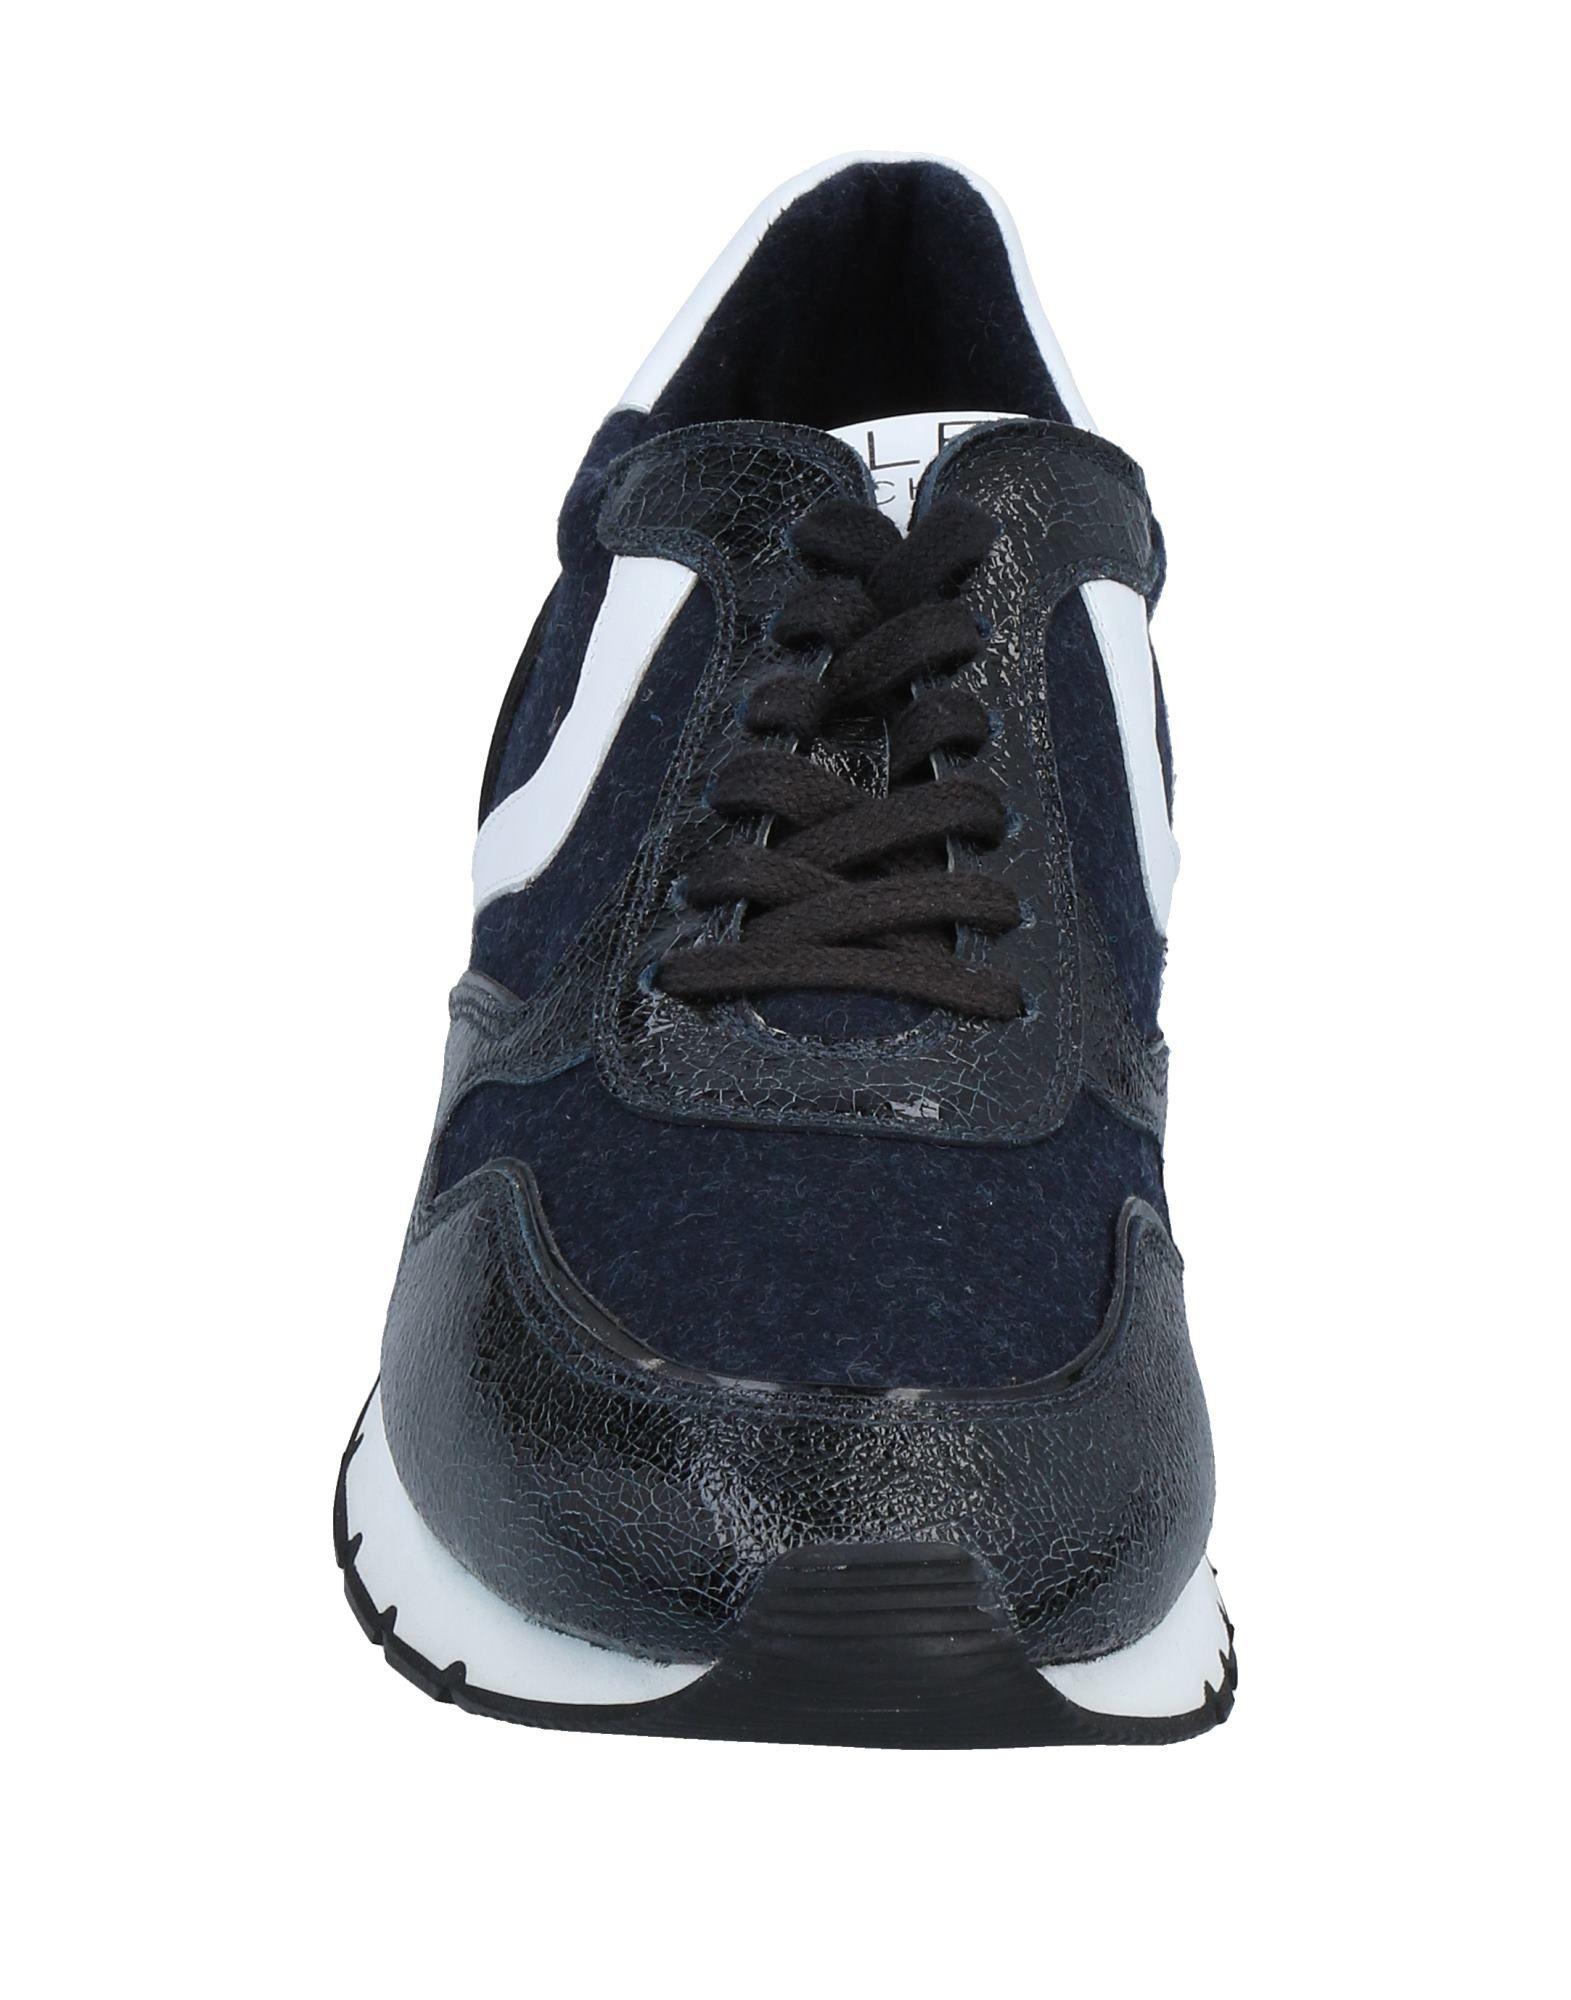 Voile Blanche Sneakers Herren beliebte  11534363CH Gute Qualität beliebte Herren Schuhe 0edb31